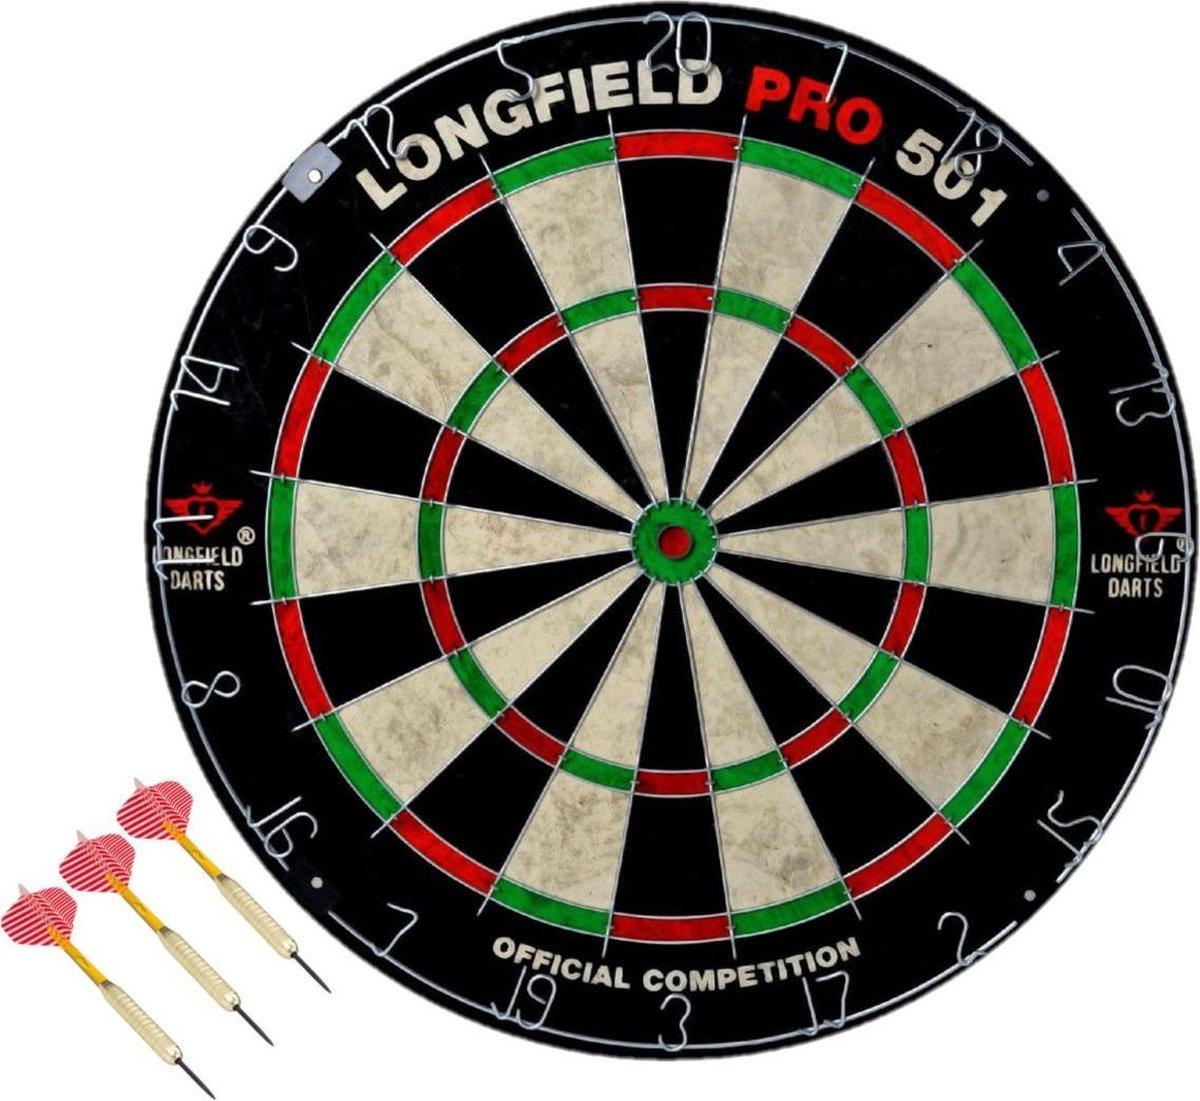 Dartbord set compleet van diameter 45.5 cm met 3x dartpijlen van 25 gram - Longfield professional - Darten